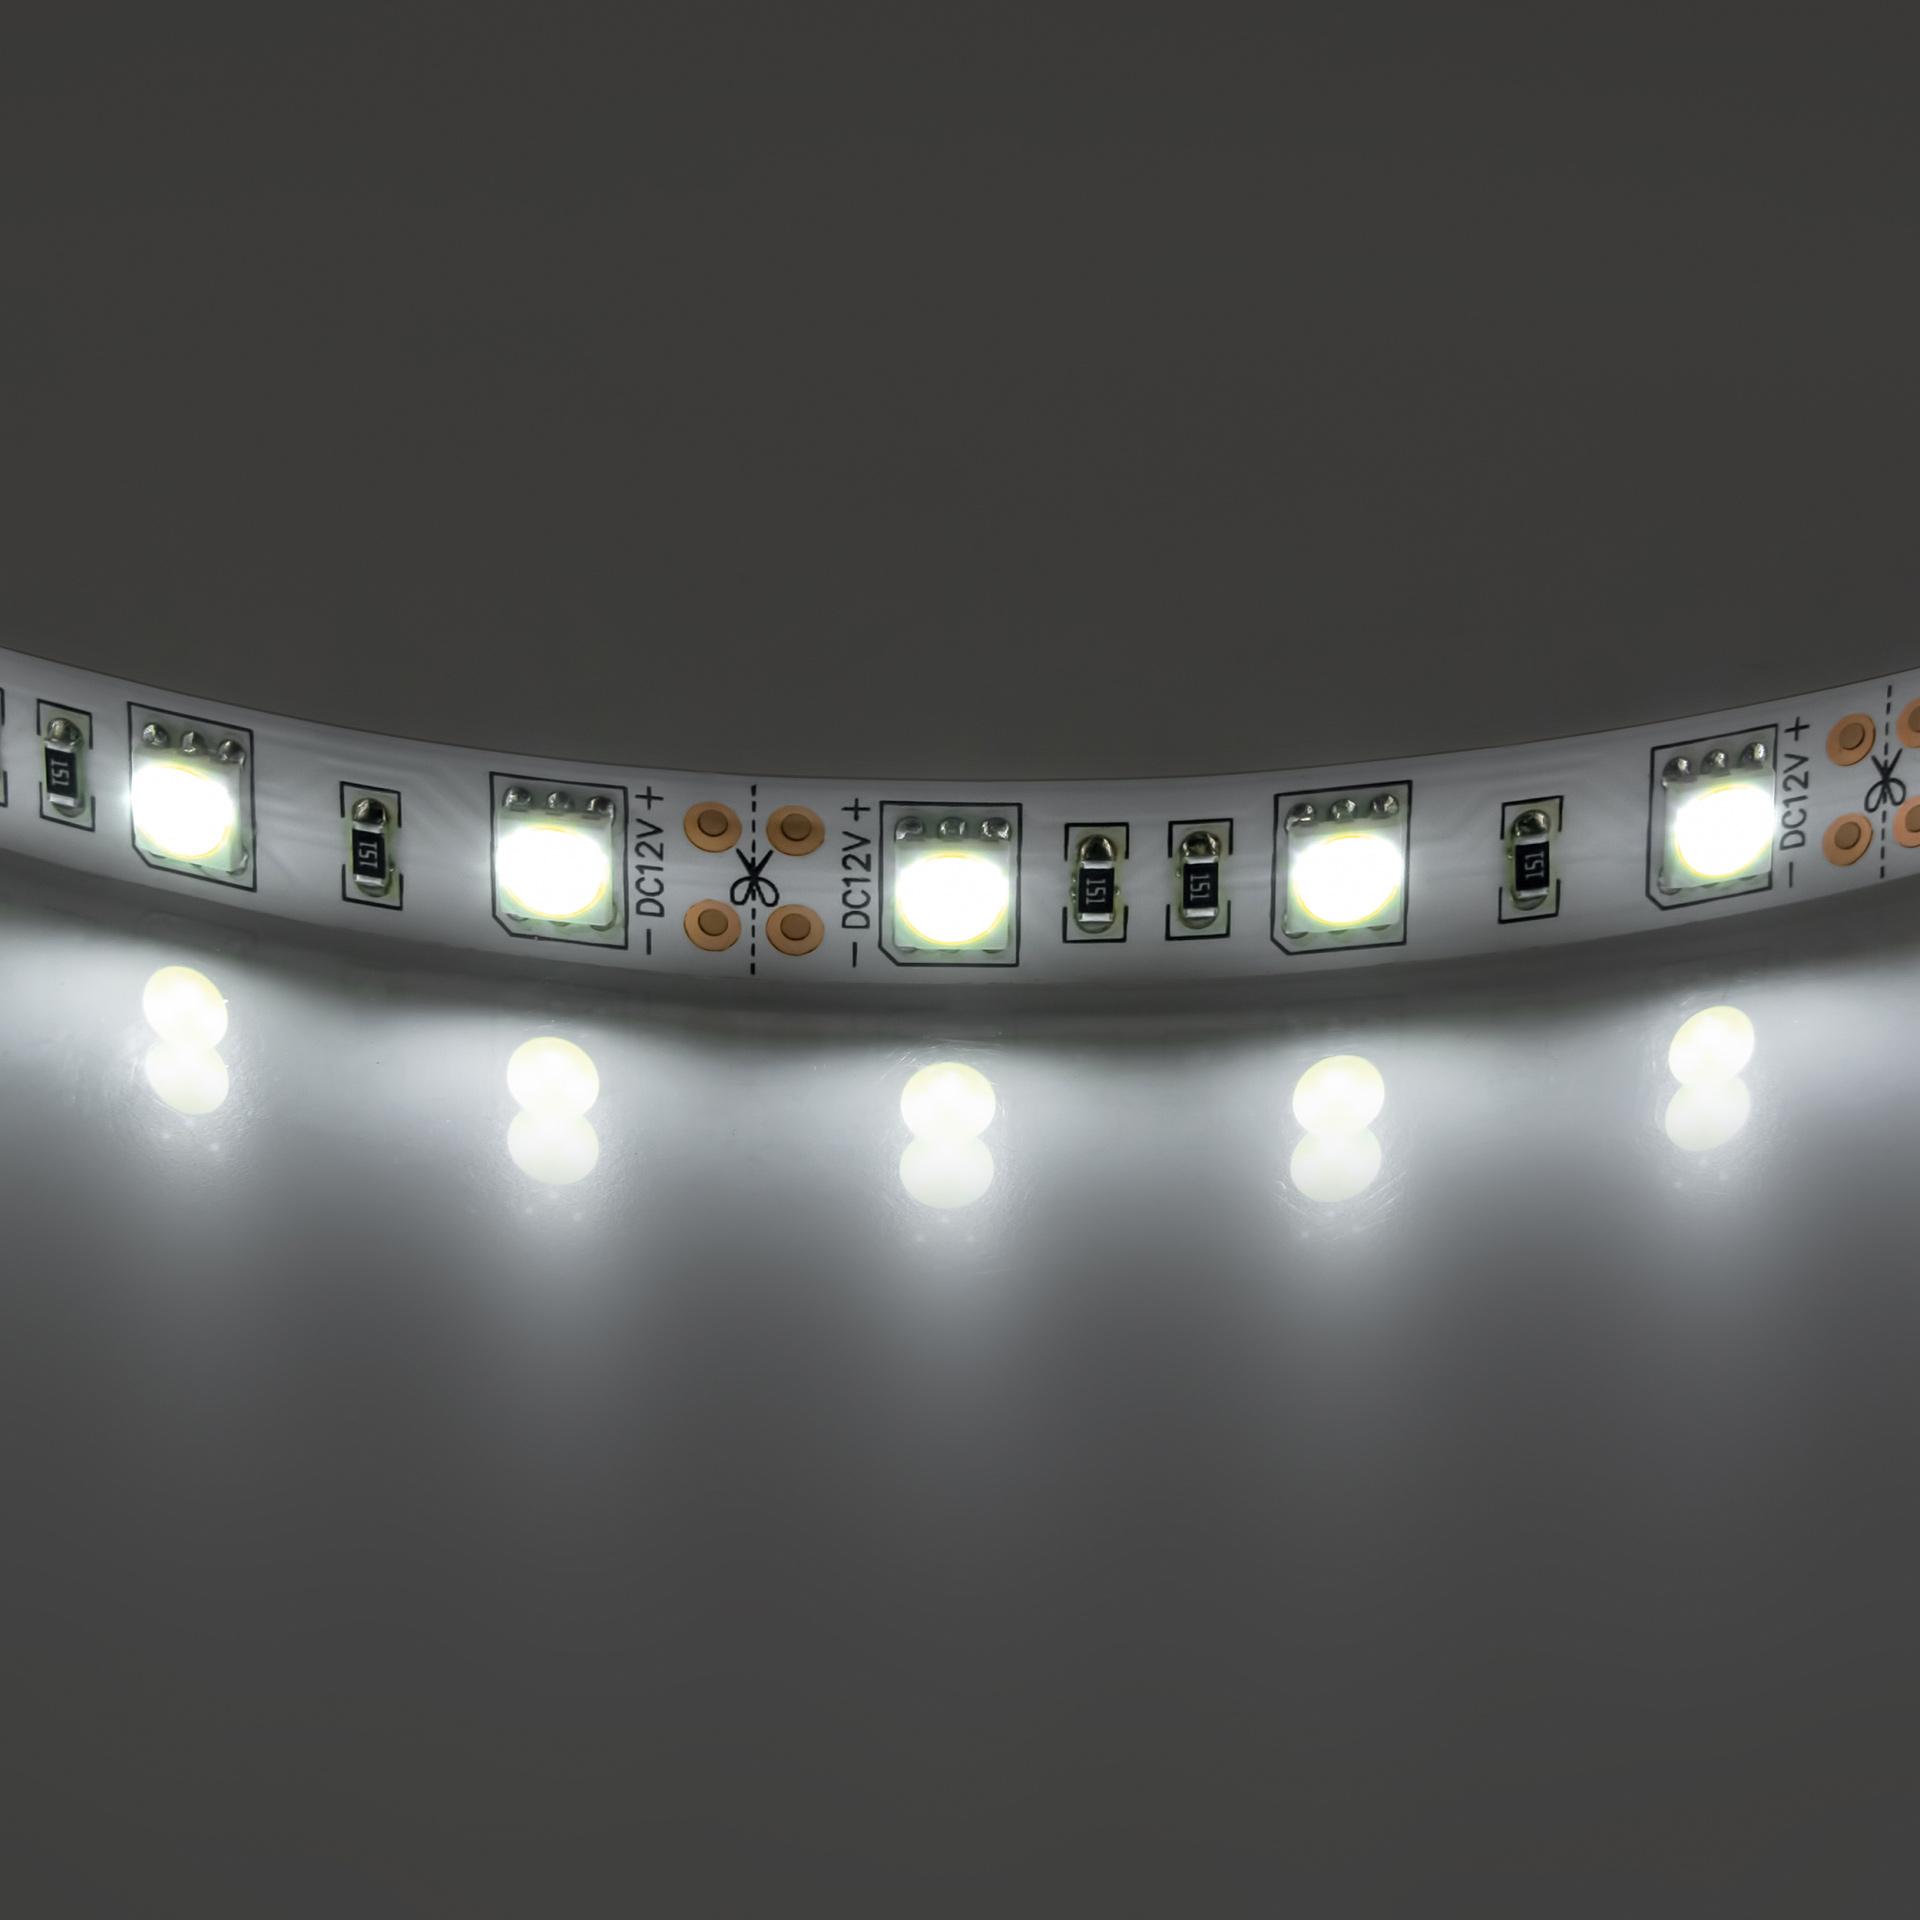 Лента 5050 LED 12V 14.4W 4200K-4500K 200m нейтральный белый свет Lightstar 400054, купить в СПб, Москве, с доставкой, Санкт-Петербург, интернет-магазин люстр и светильников Starlight, фото в жизни